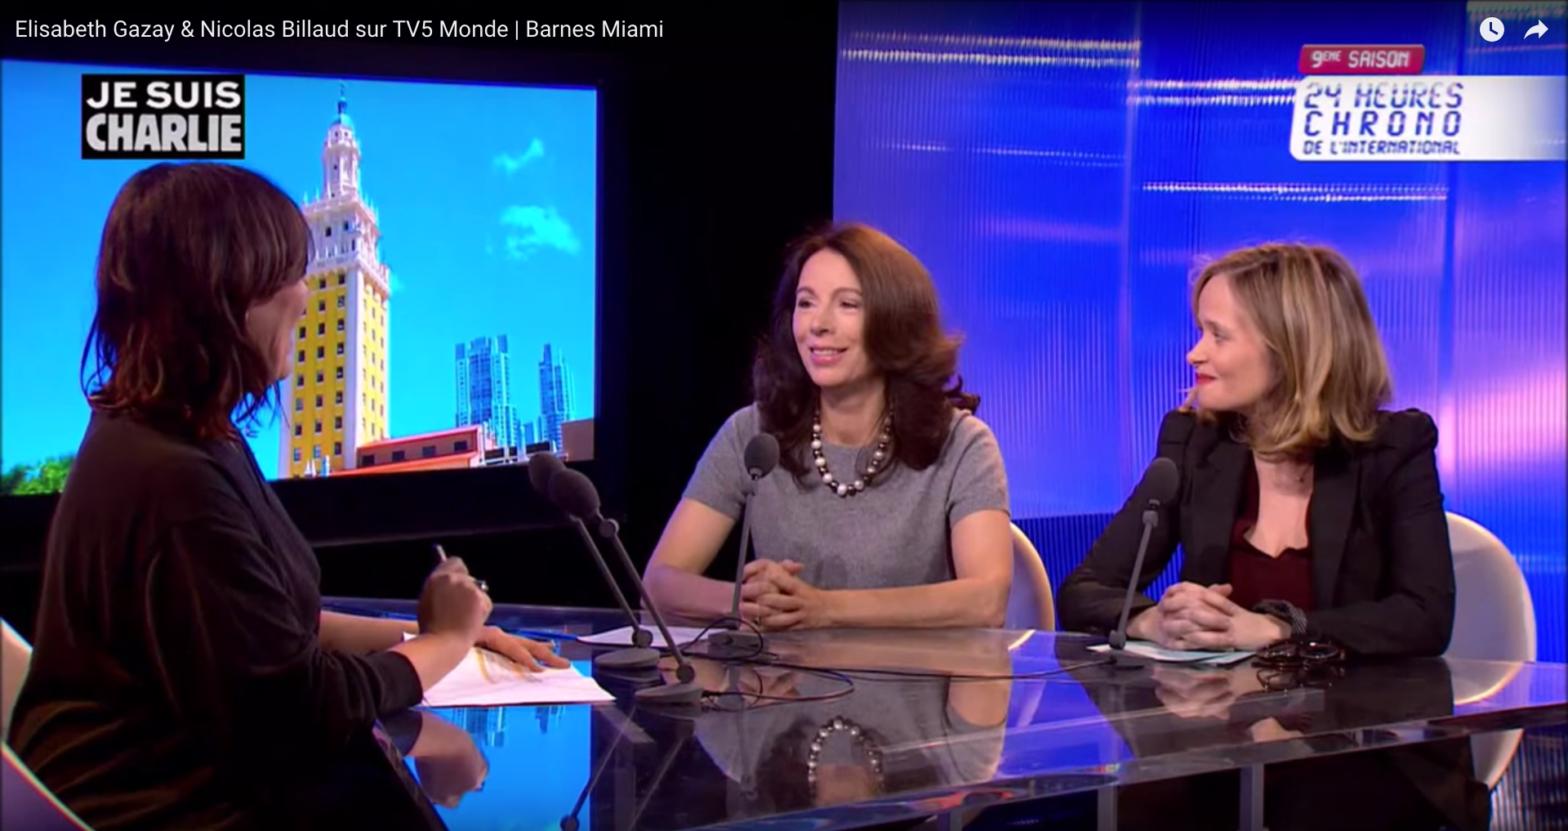 Elisabeth Gazay & Nicolas Billaud sur TV5 Monde